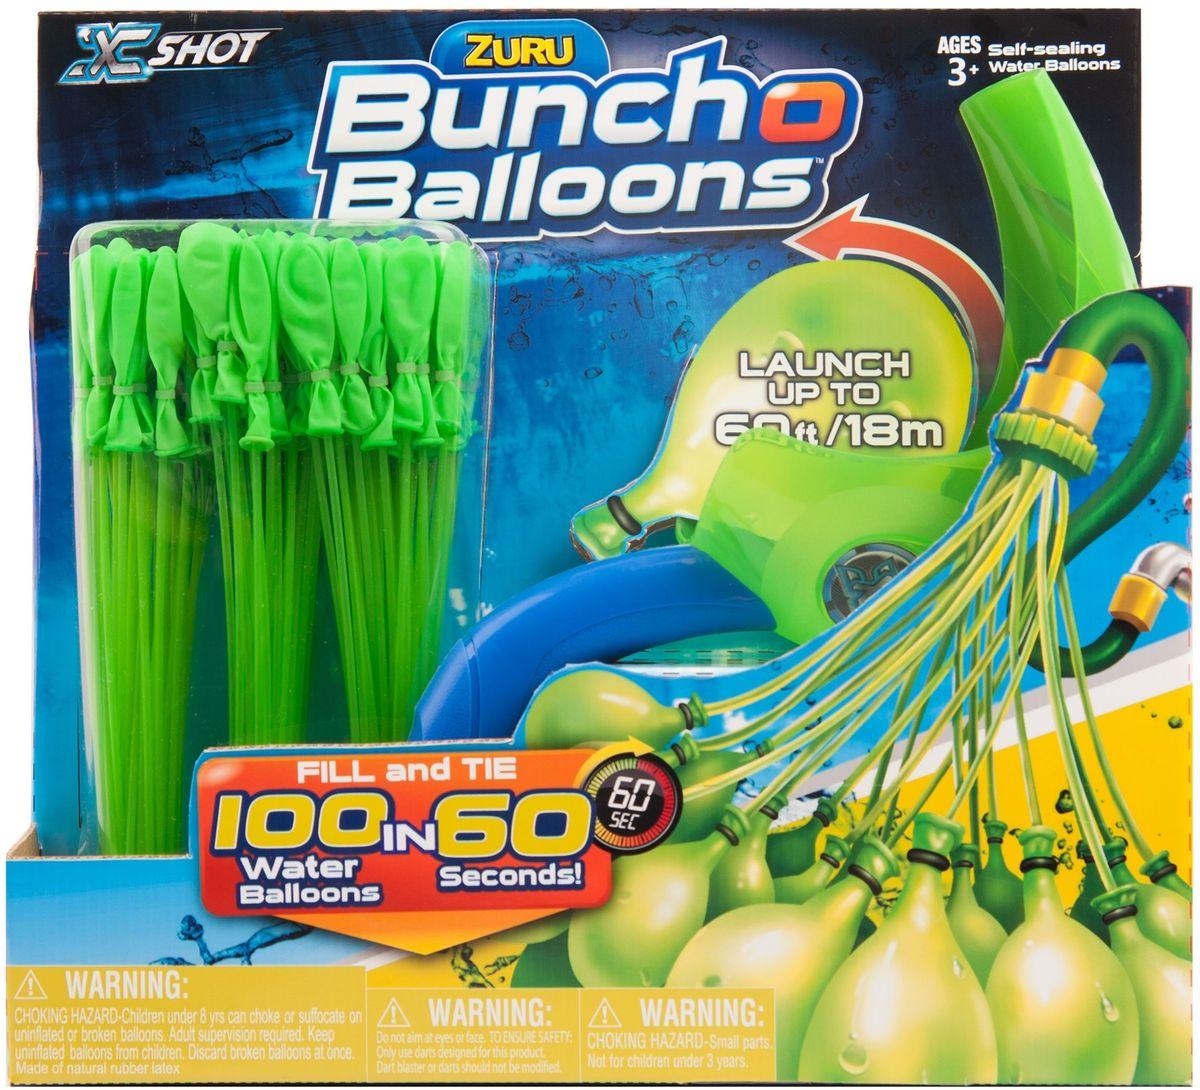 Zuru Водяное оружие Bunch O Balloons с пусковым устройством цвет зеленый